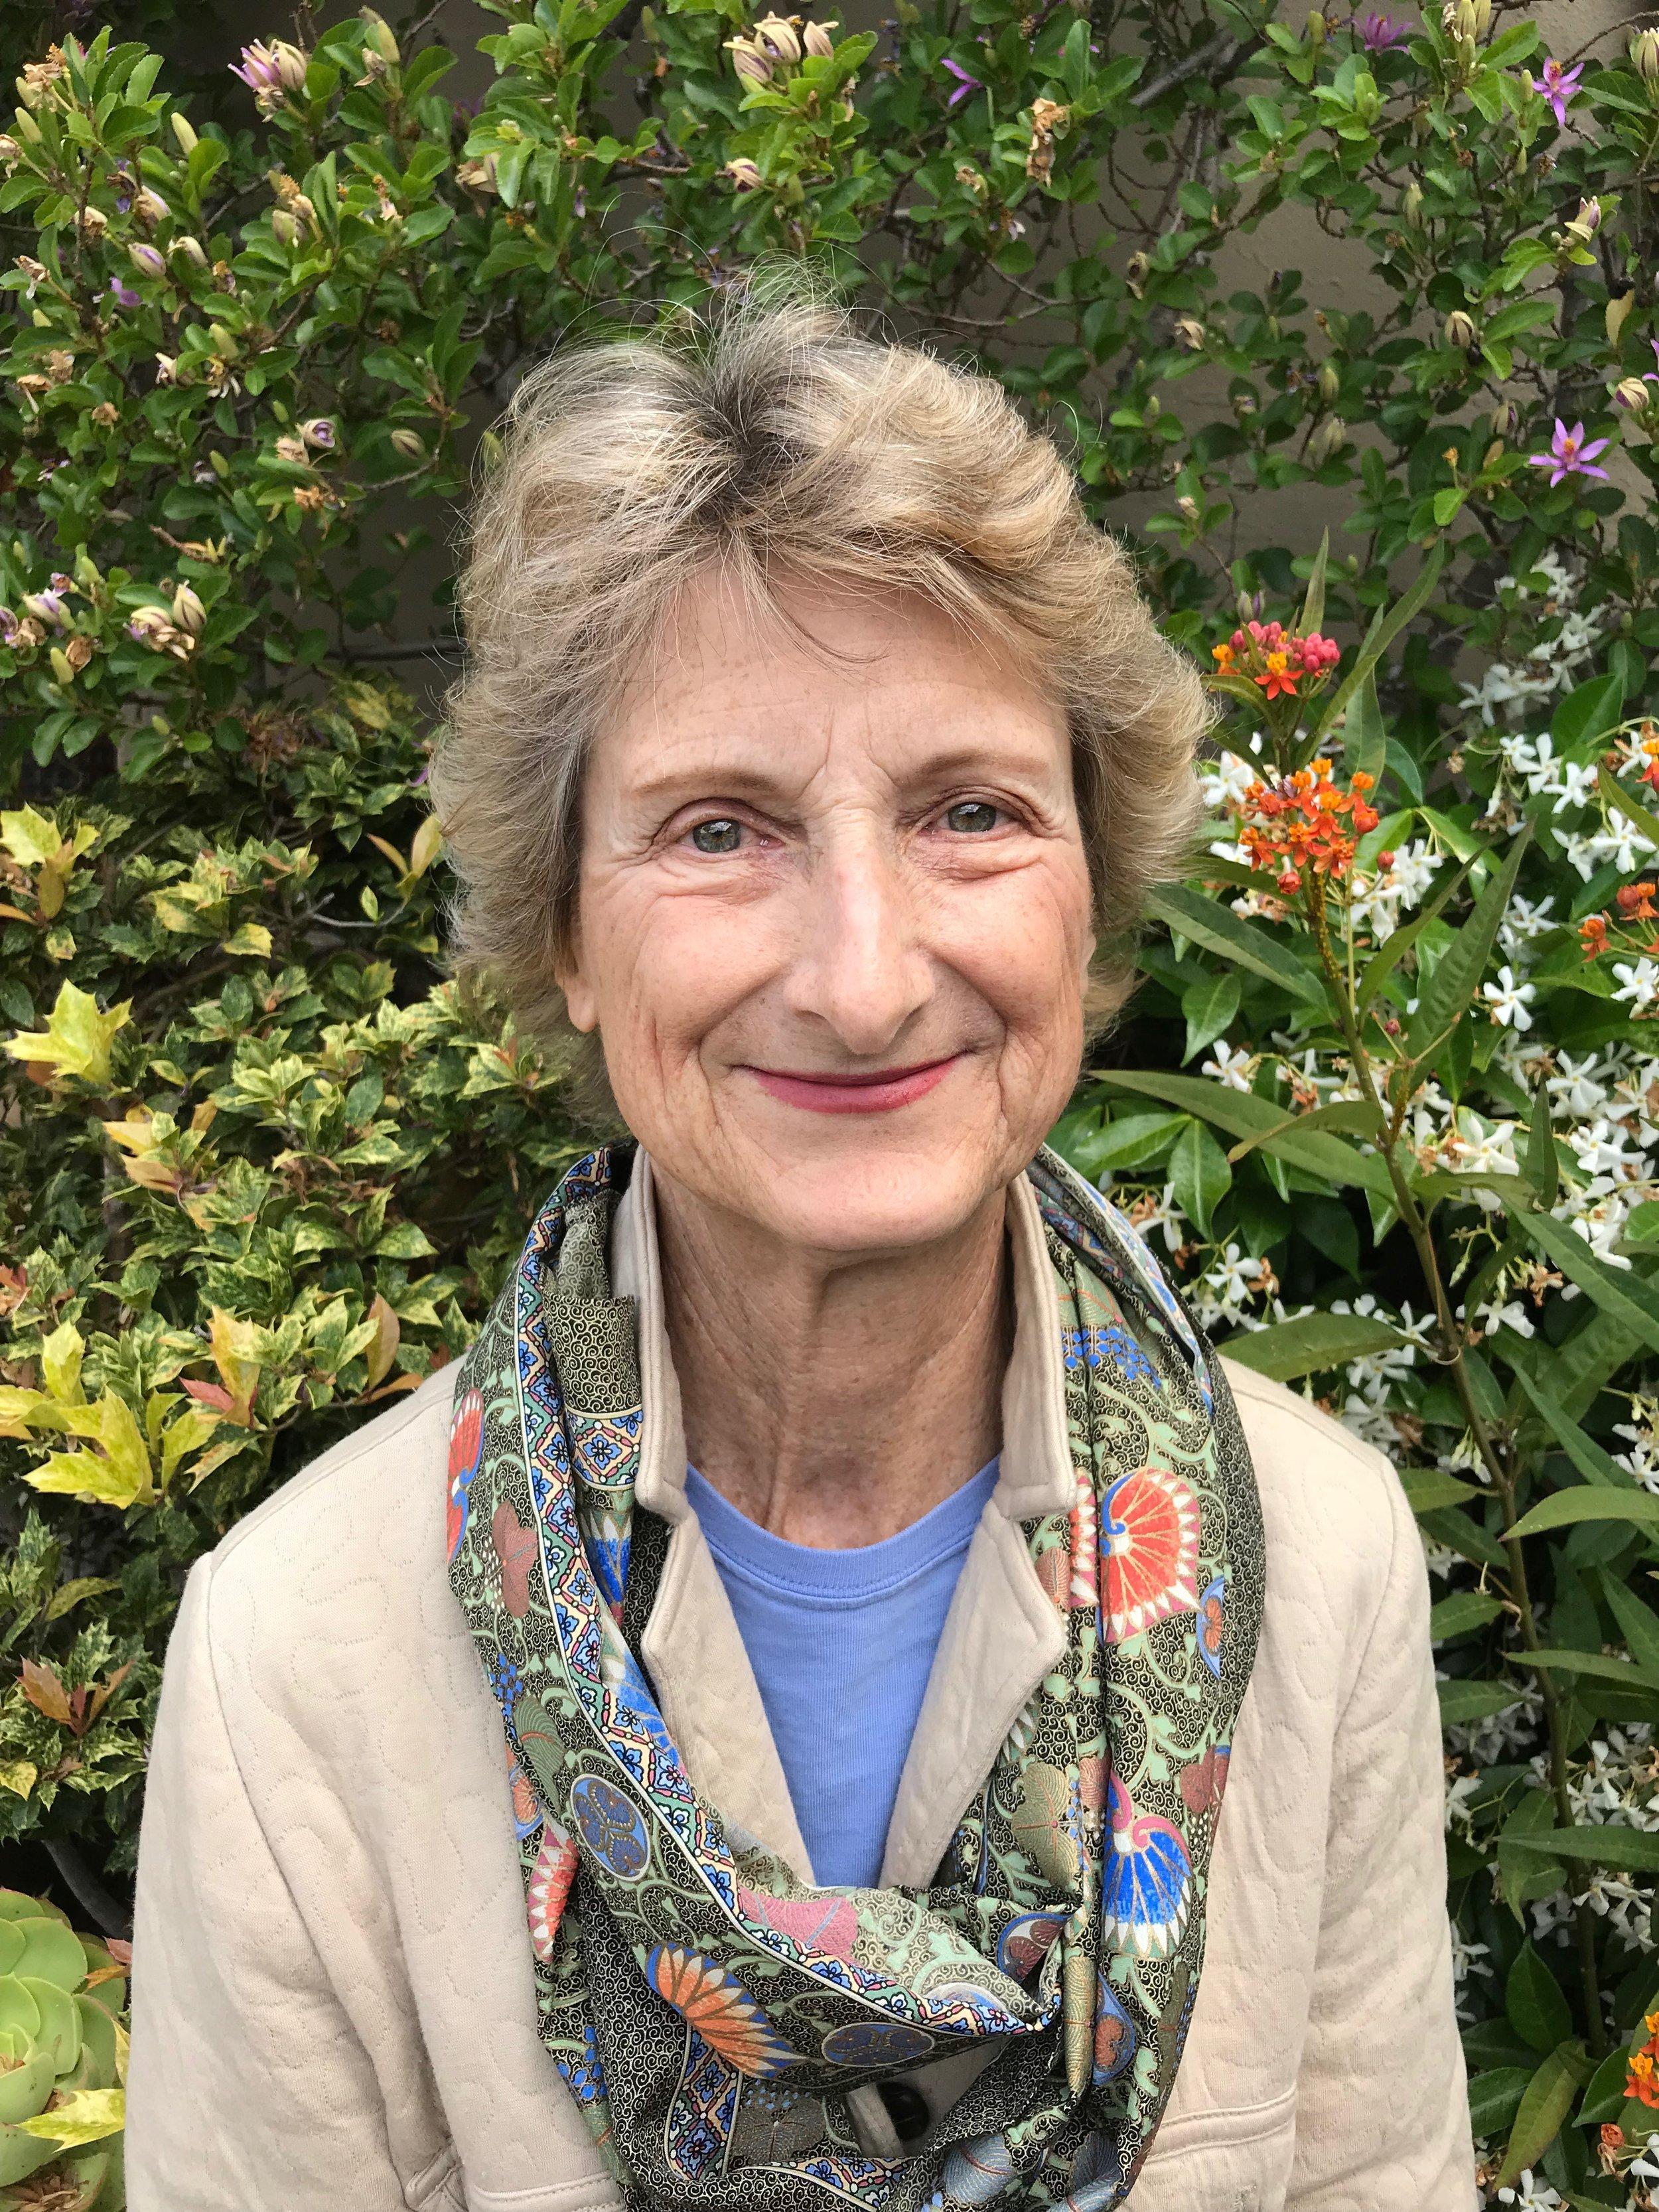 Katie Creighton    Katie Creighton Garden Design , Oakland, CA APLD Bay Area District Member